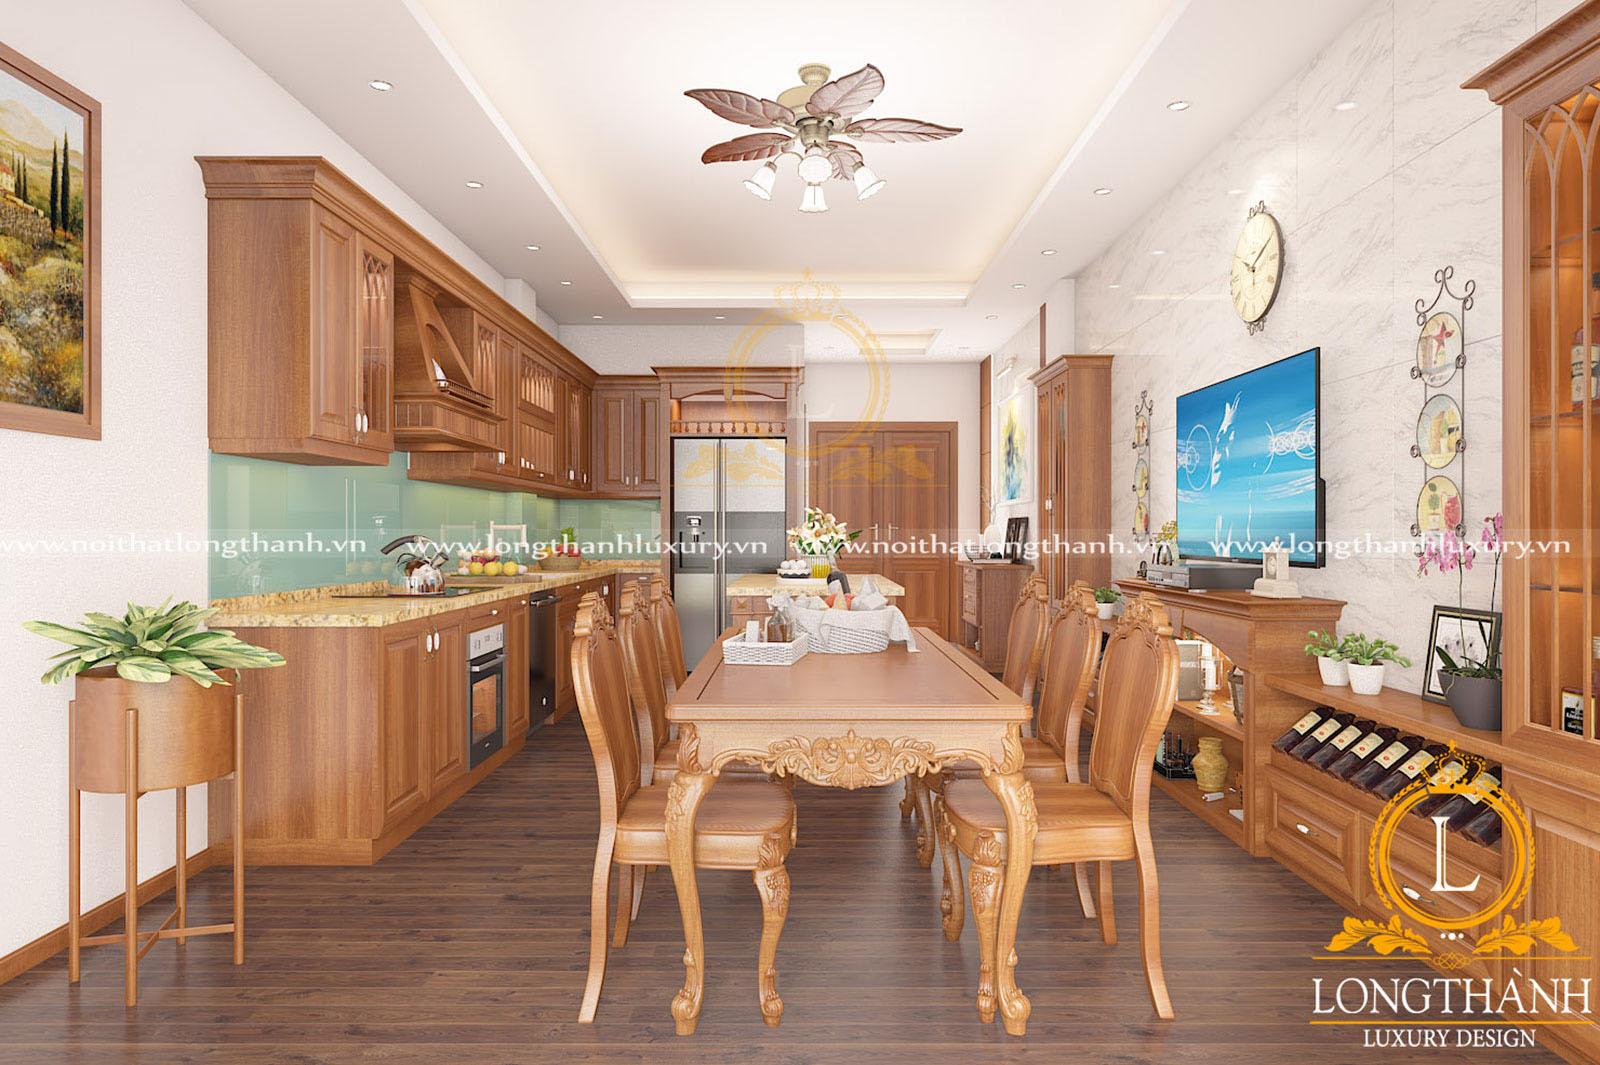 Mẫu tủ bếp gỗ Gõ đẹp kết hợp kính cường lực cho nhà phố hẹp